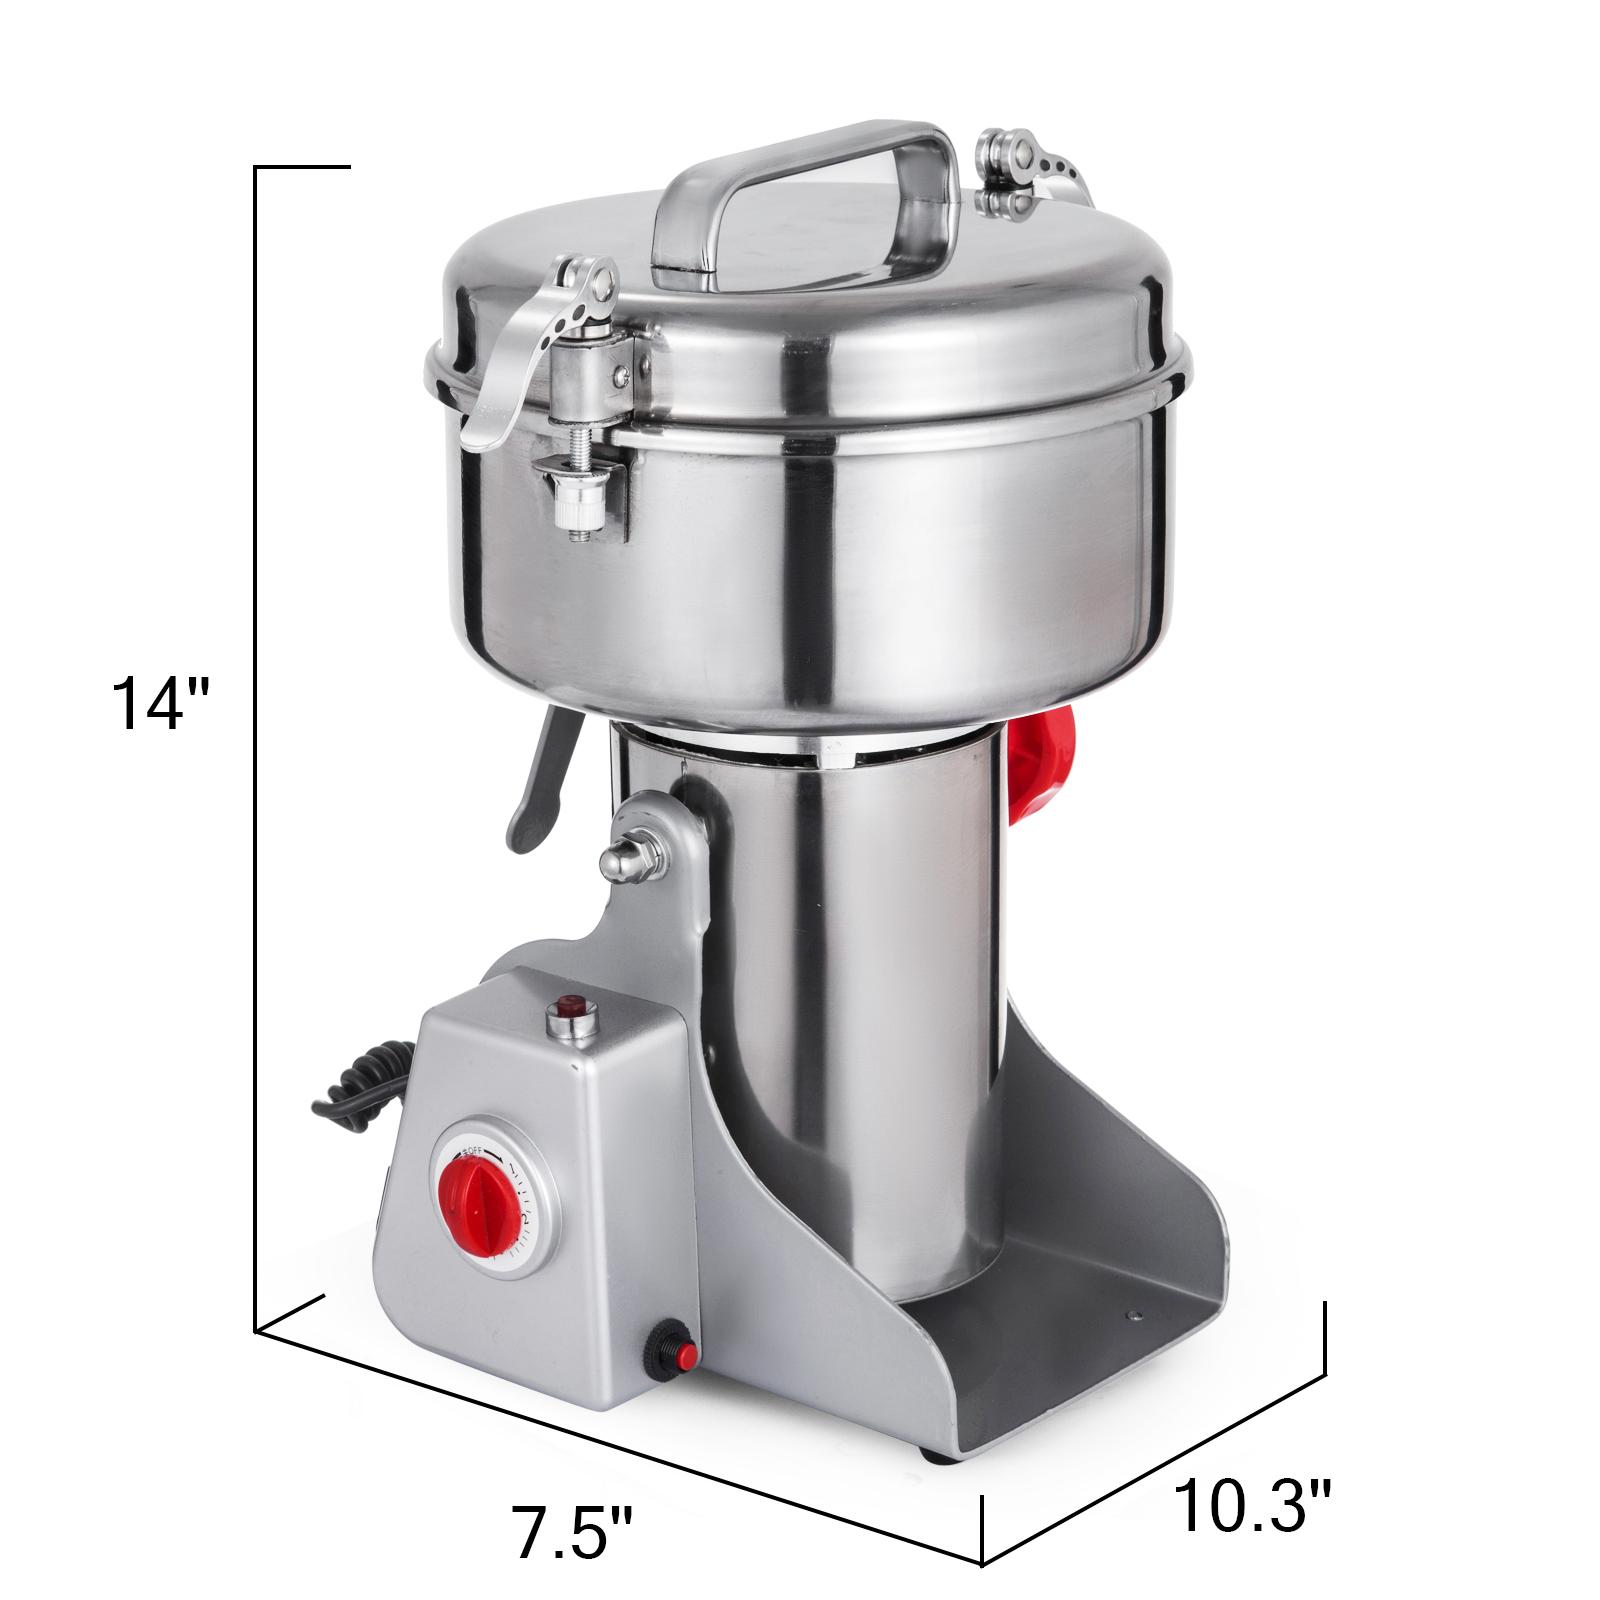 1000G kräutermühle elektrisch Mühle Maschine,Kräuter Herbst Grinder